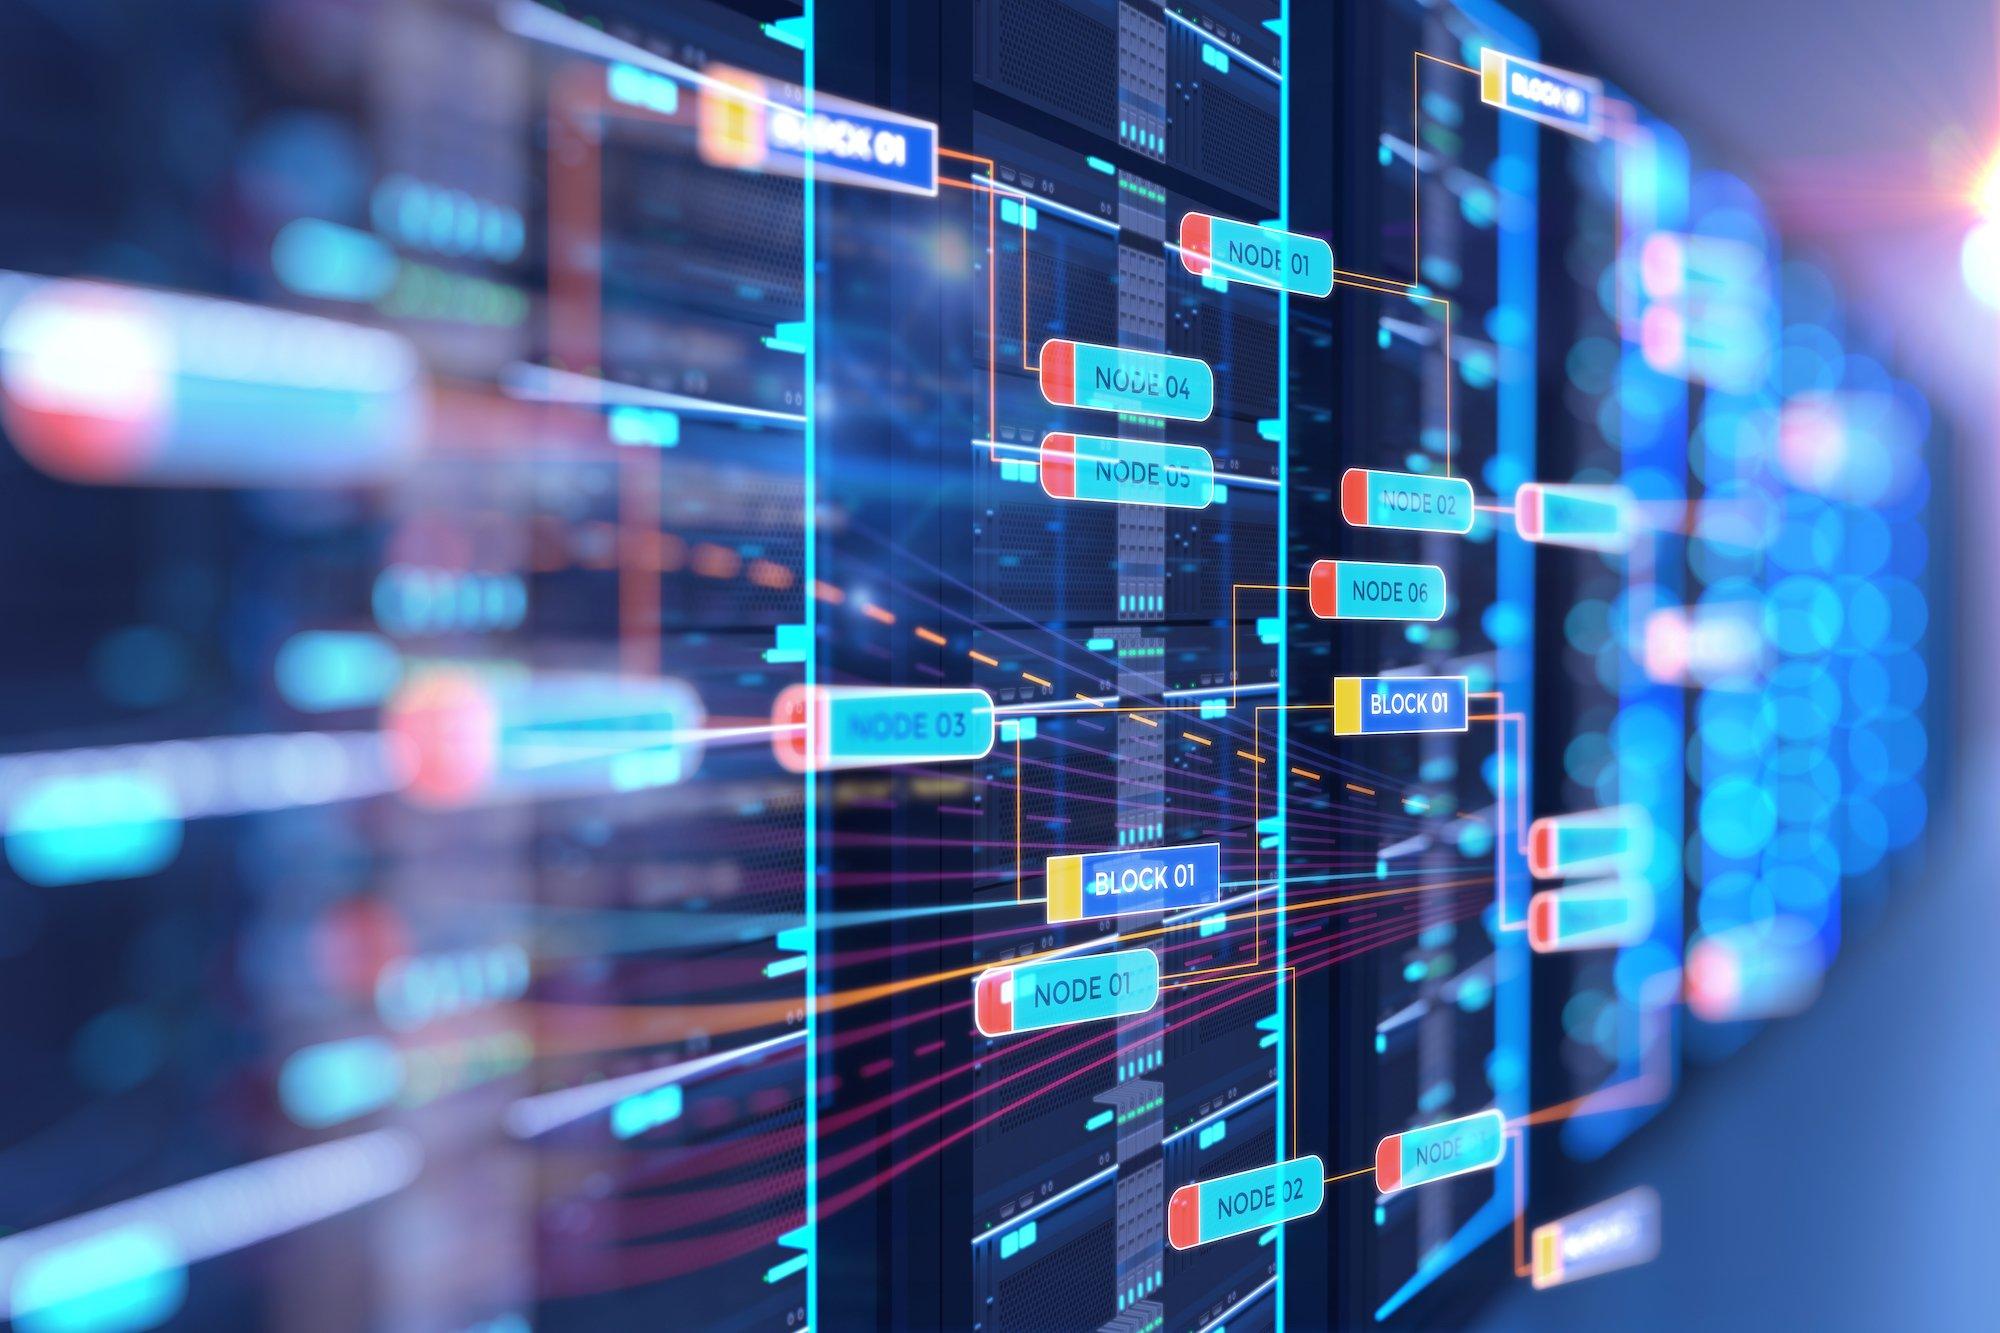 infratil-ift-asx-vodafone-nz-asx-server room 3d illustration with node base programming data design element.